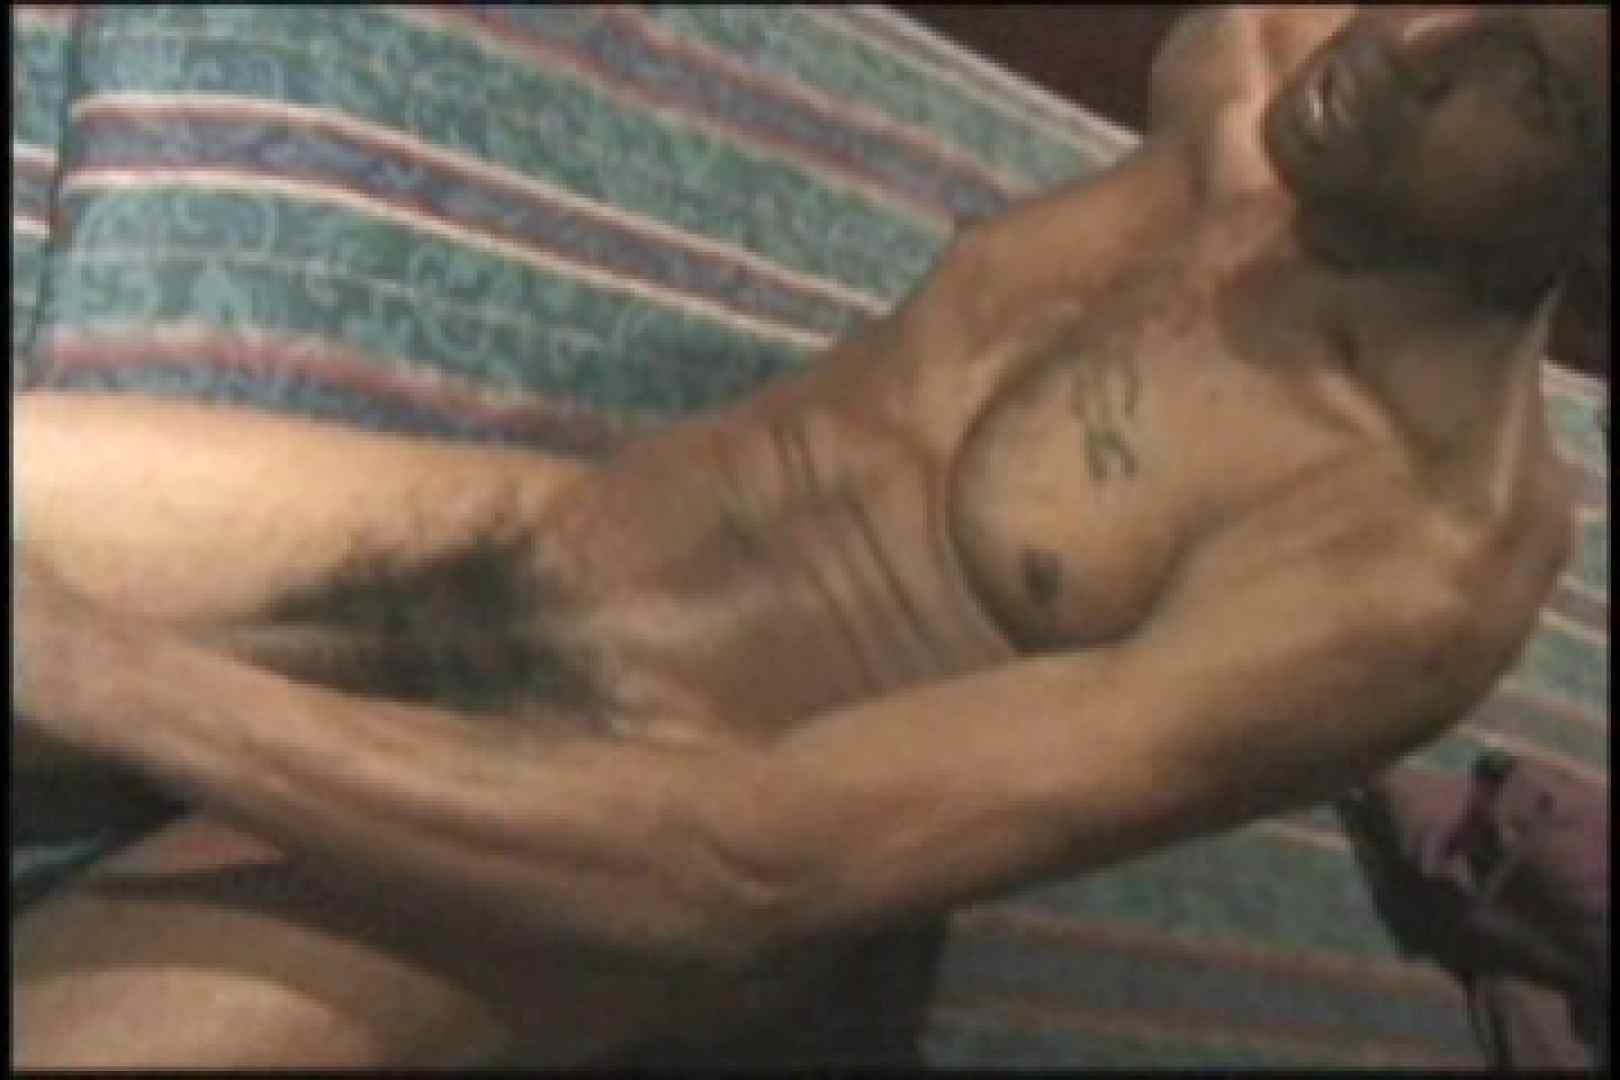 ファンキーな黒人さん!!BLACK POWER 01 フェラ天国 | ゲイのオナニー映像  107枚 4